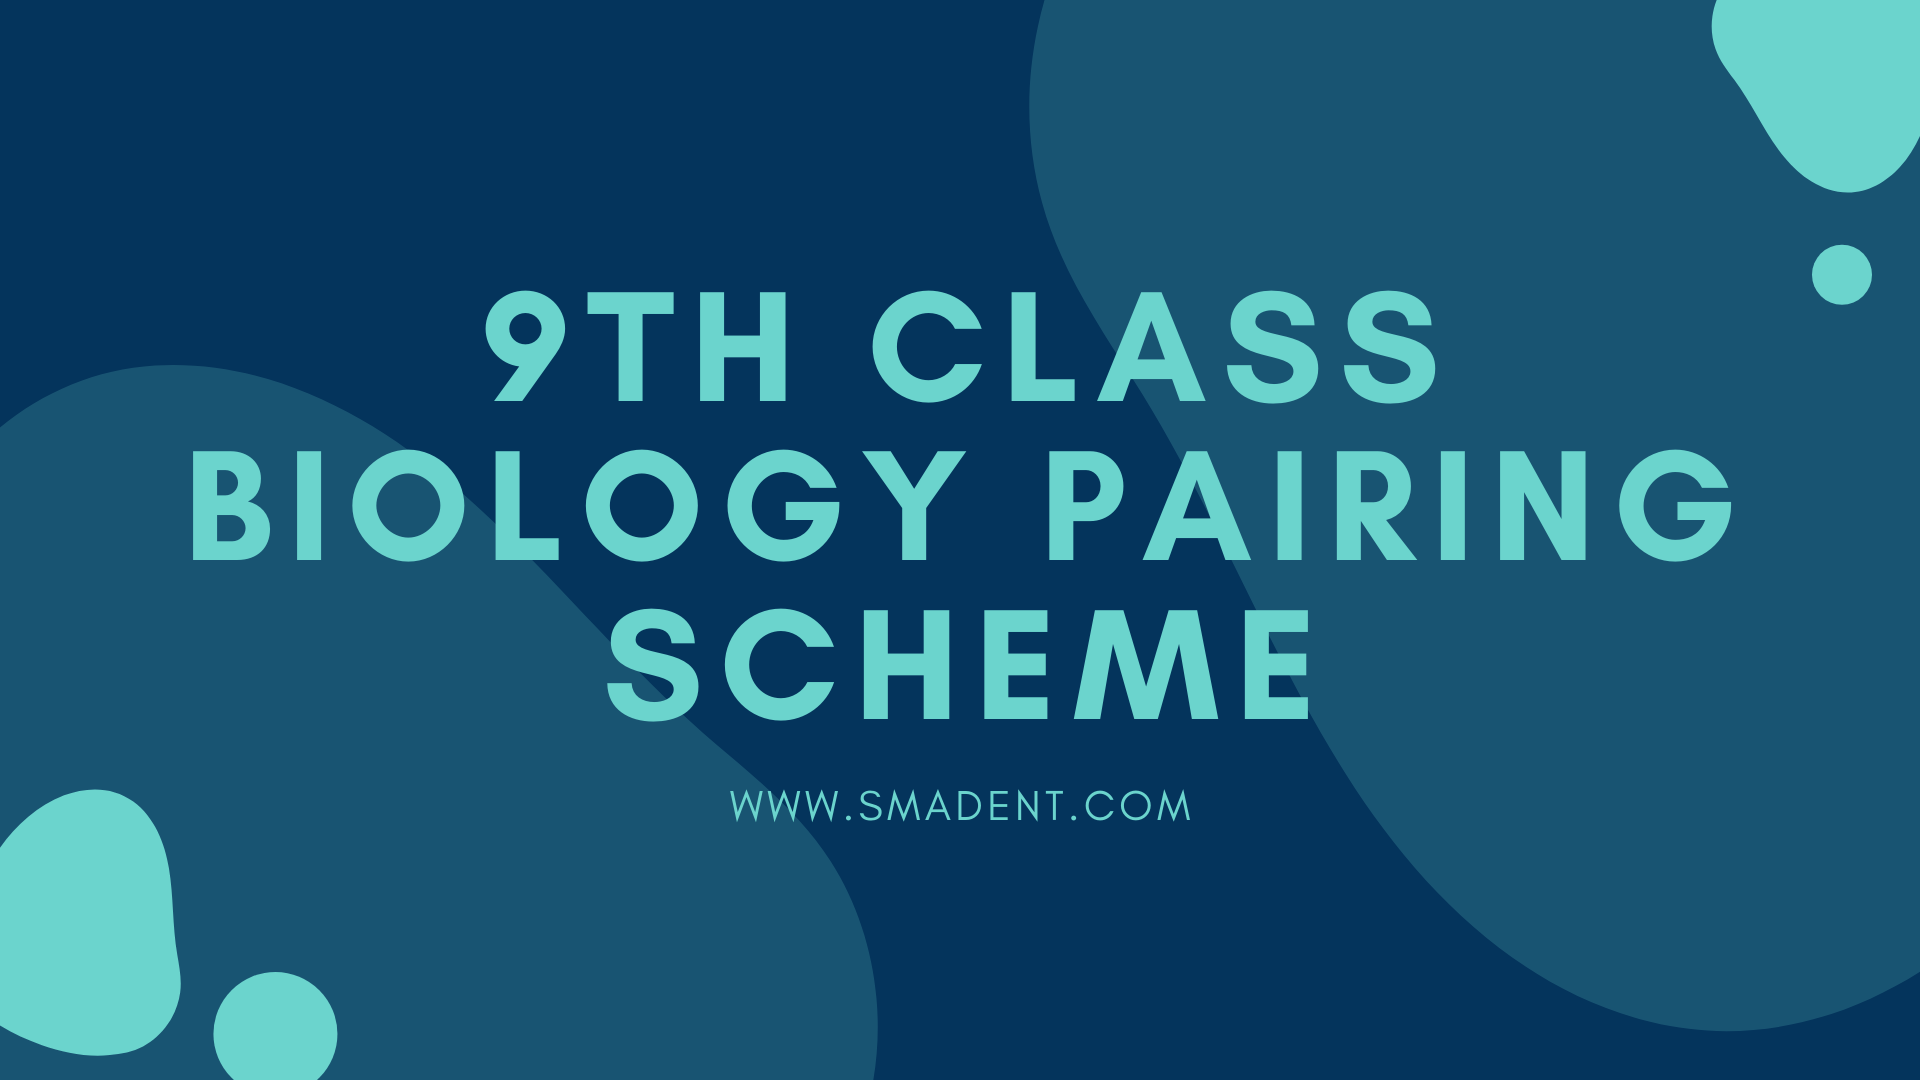 9th Class Biology pairing scheme | Smadent